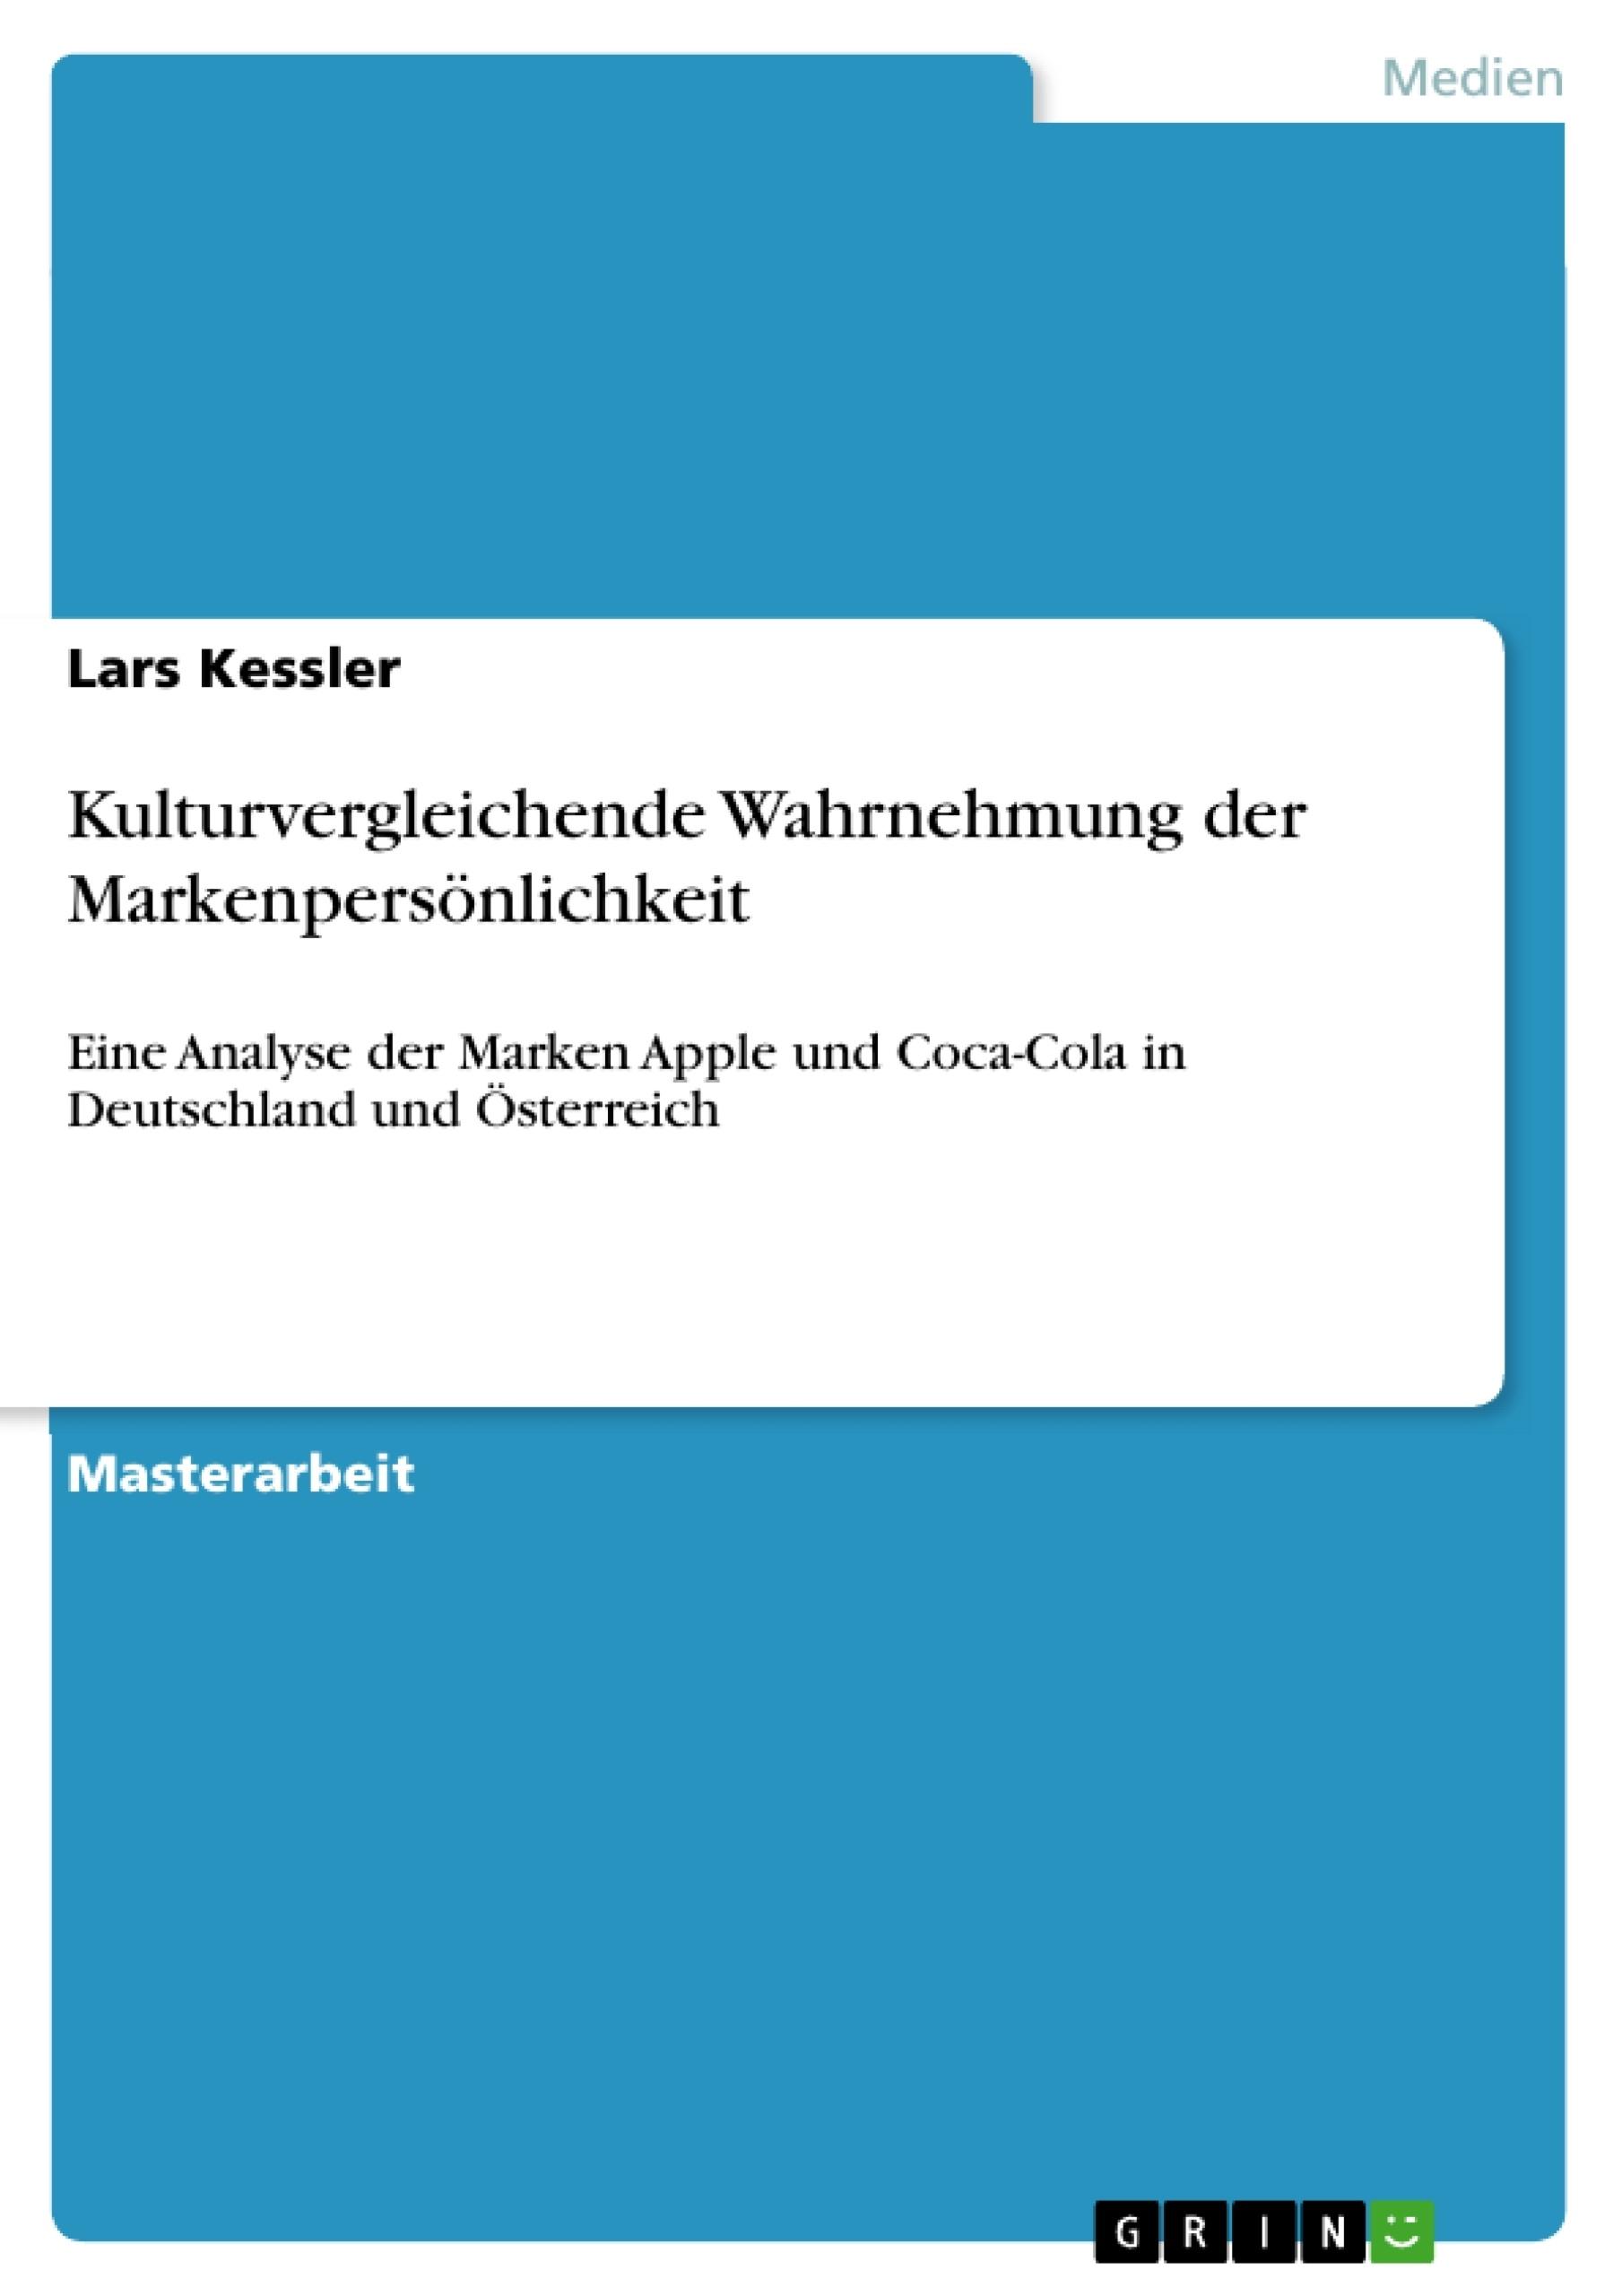 Titel: Kulturvergleichende Wahrnehmung der Markenpersönlichkeit